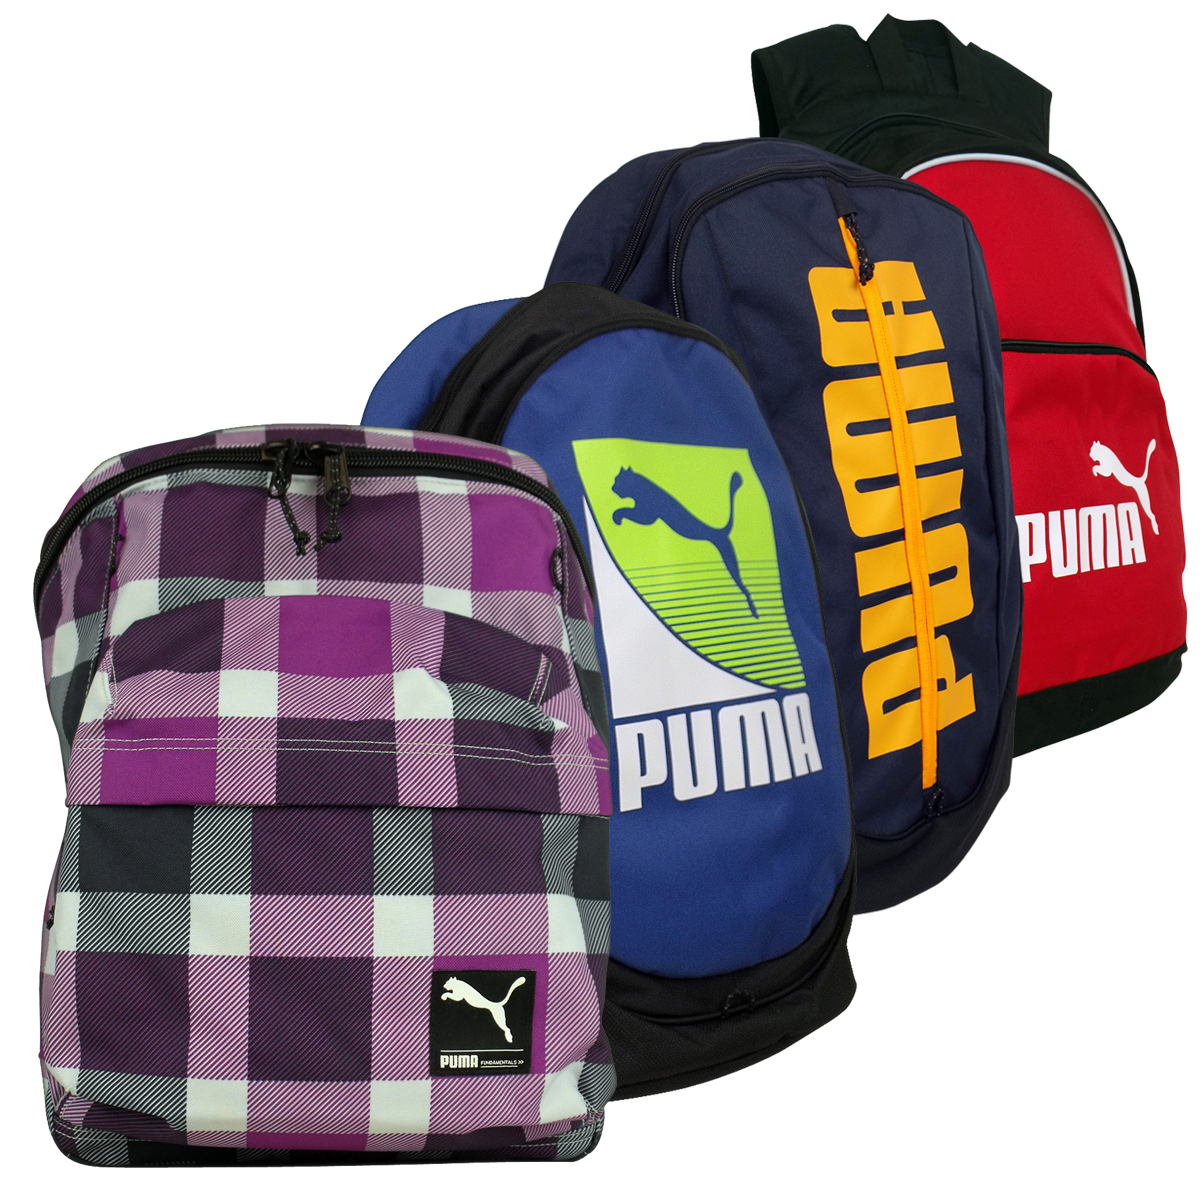 1714790303 puma school bags Girls